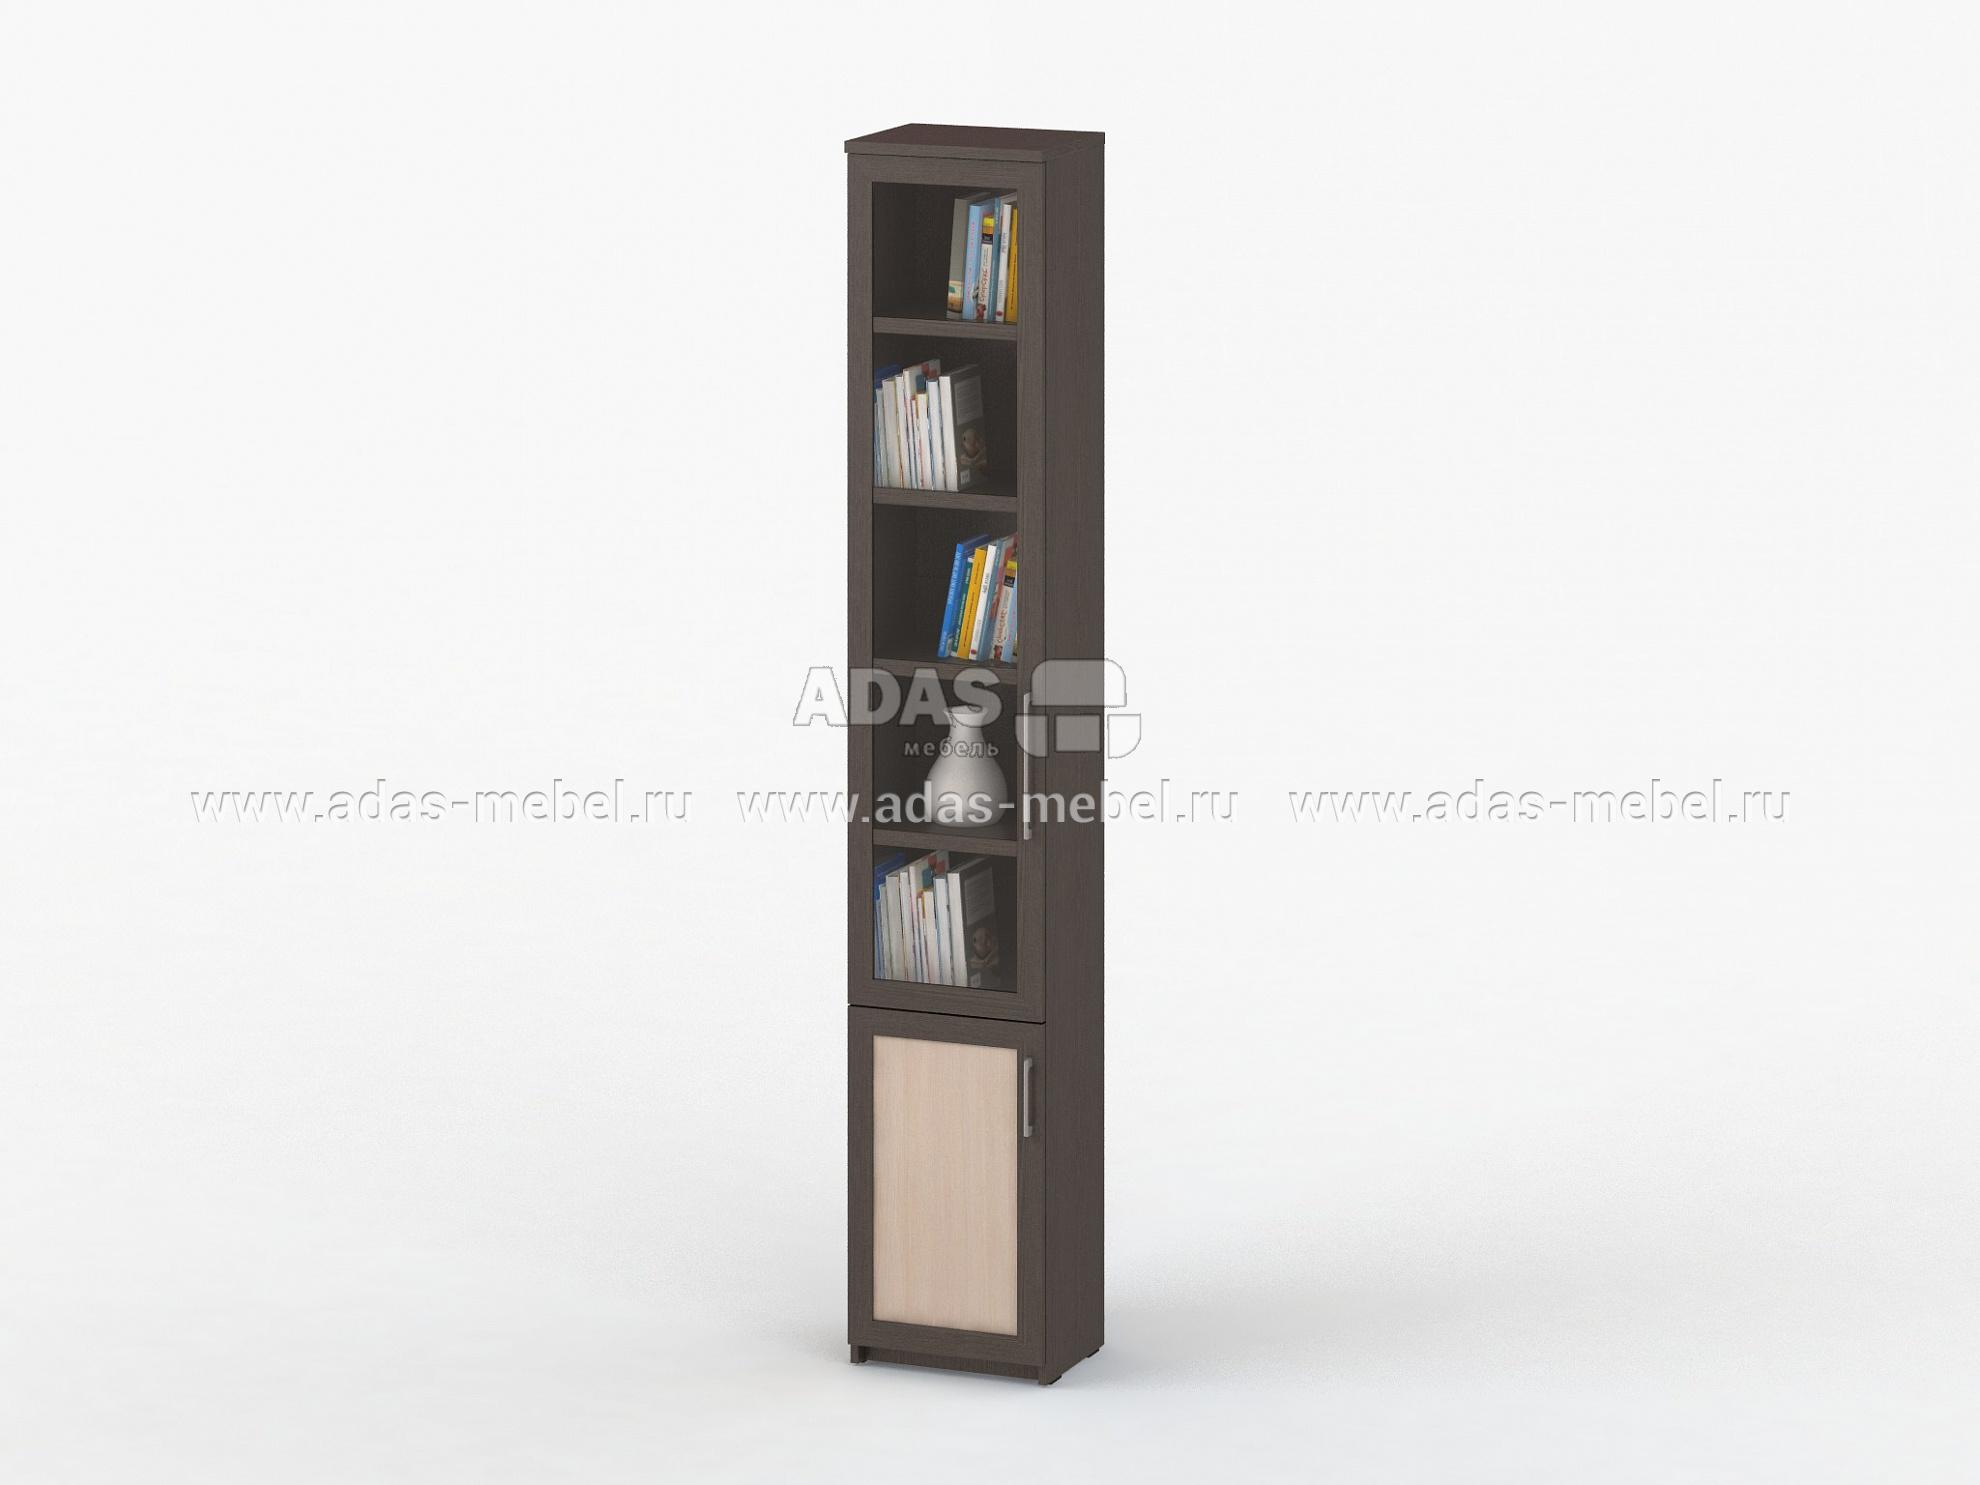 Шкаф-пенал книжный соло 038 со стеклом - купить в москве.